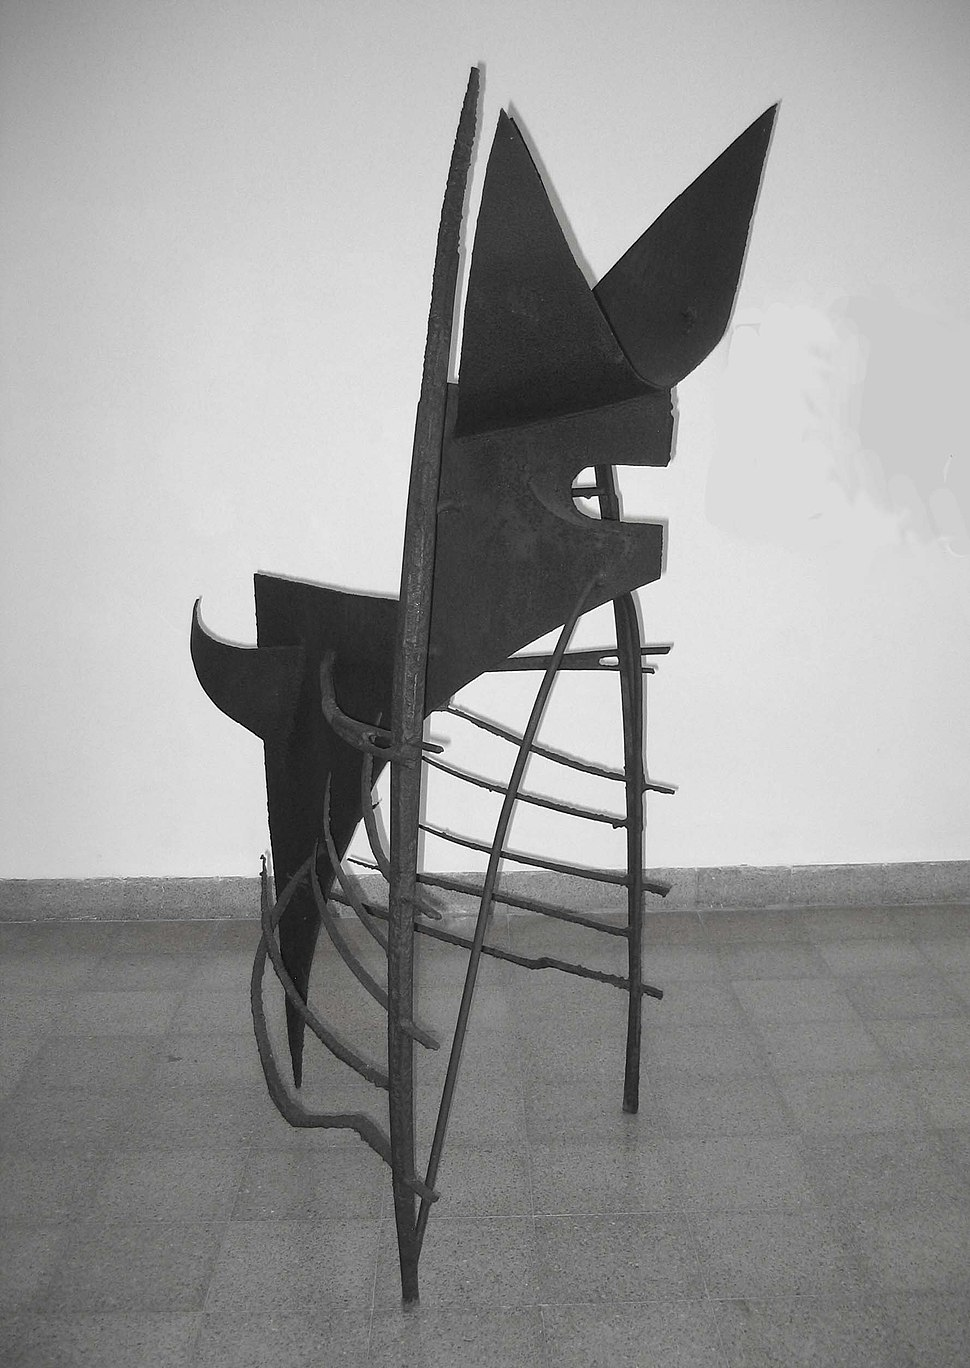 Myth 1956 by Yehiel shemi